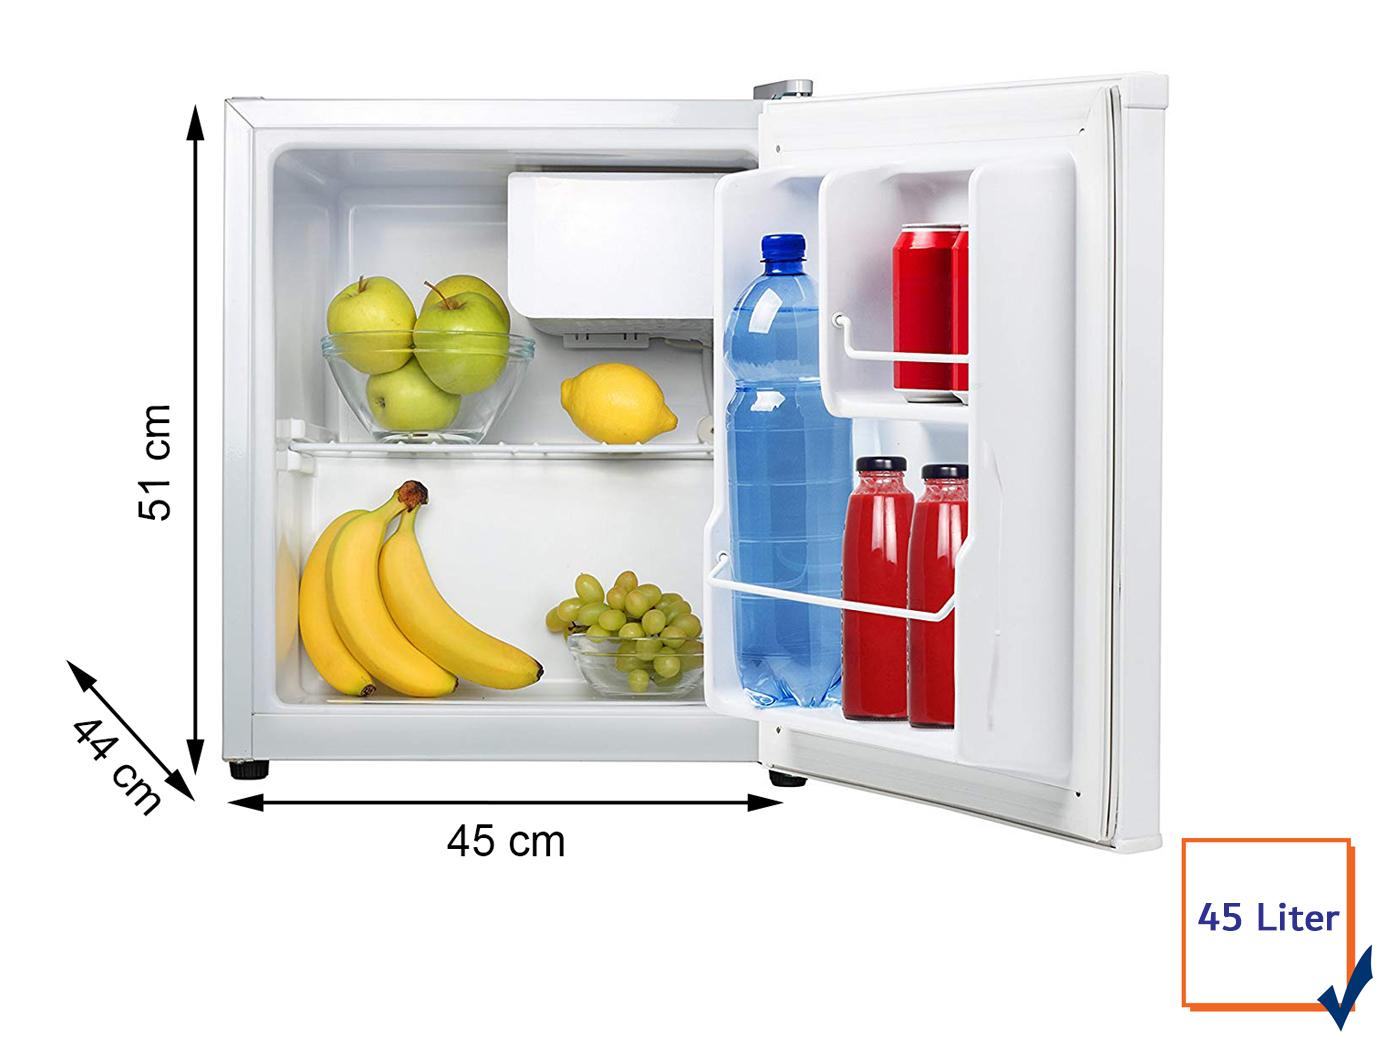 Kleiner Kühlschrank Ohne Eisfach : Kleiner mini kÜhlschrank freistehend l mit l gefrierfach